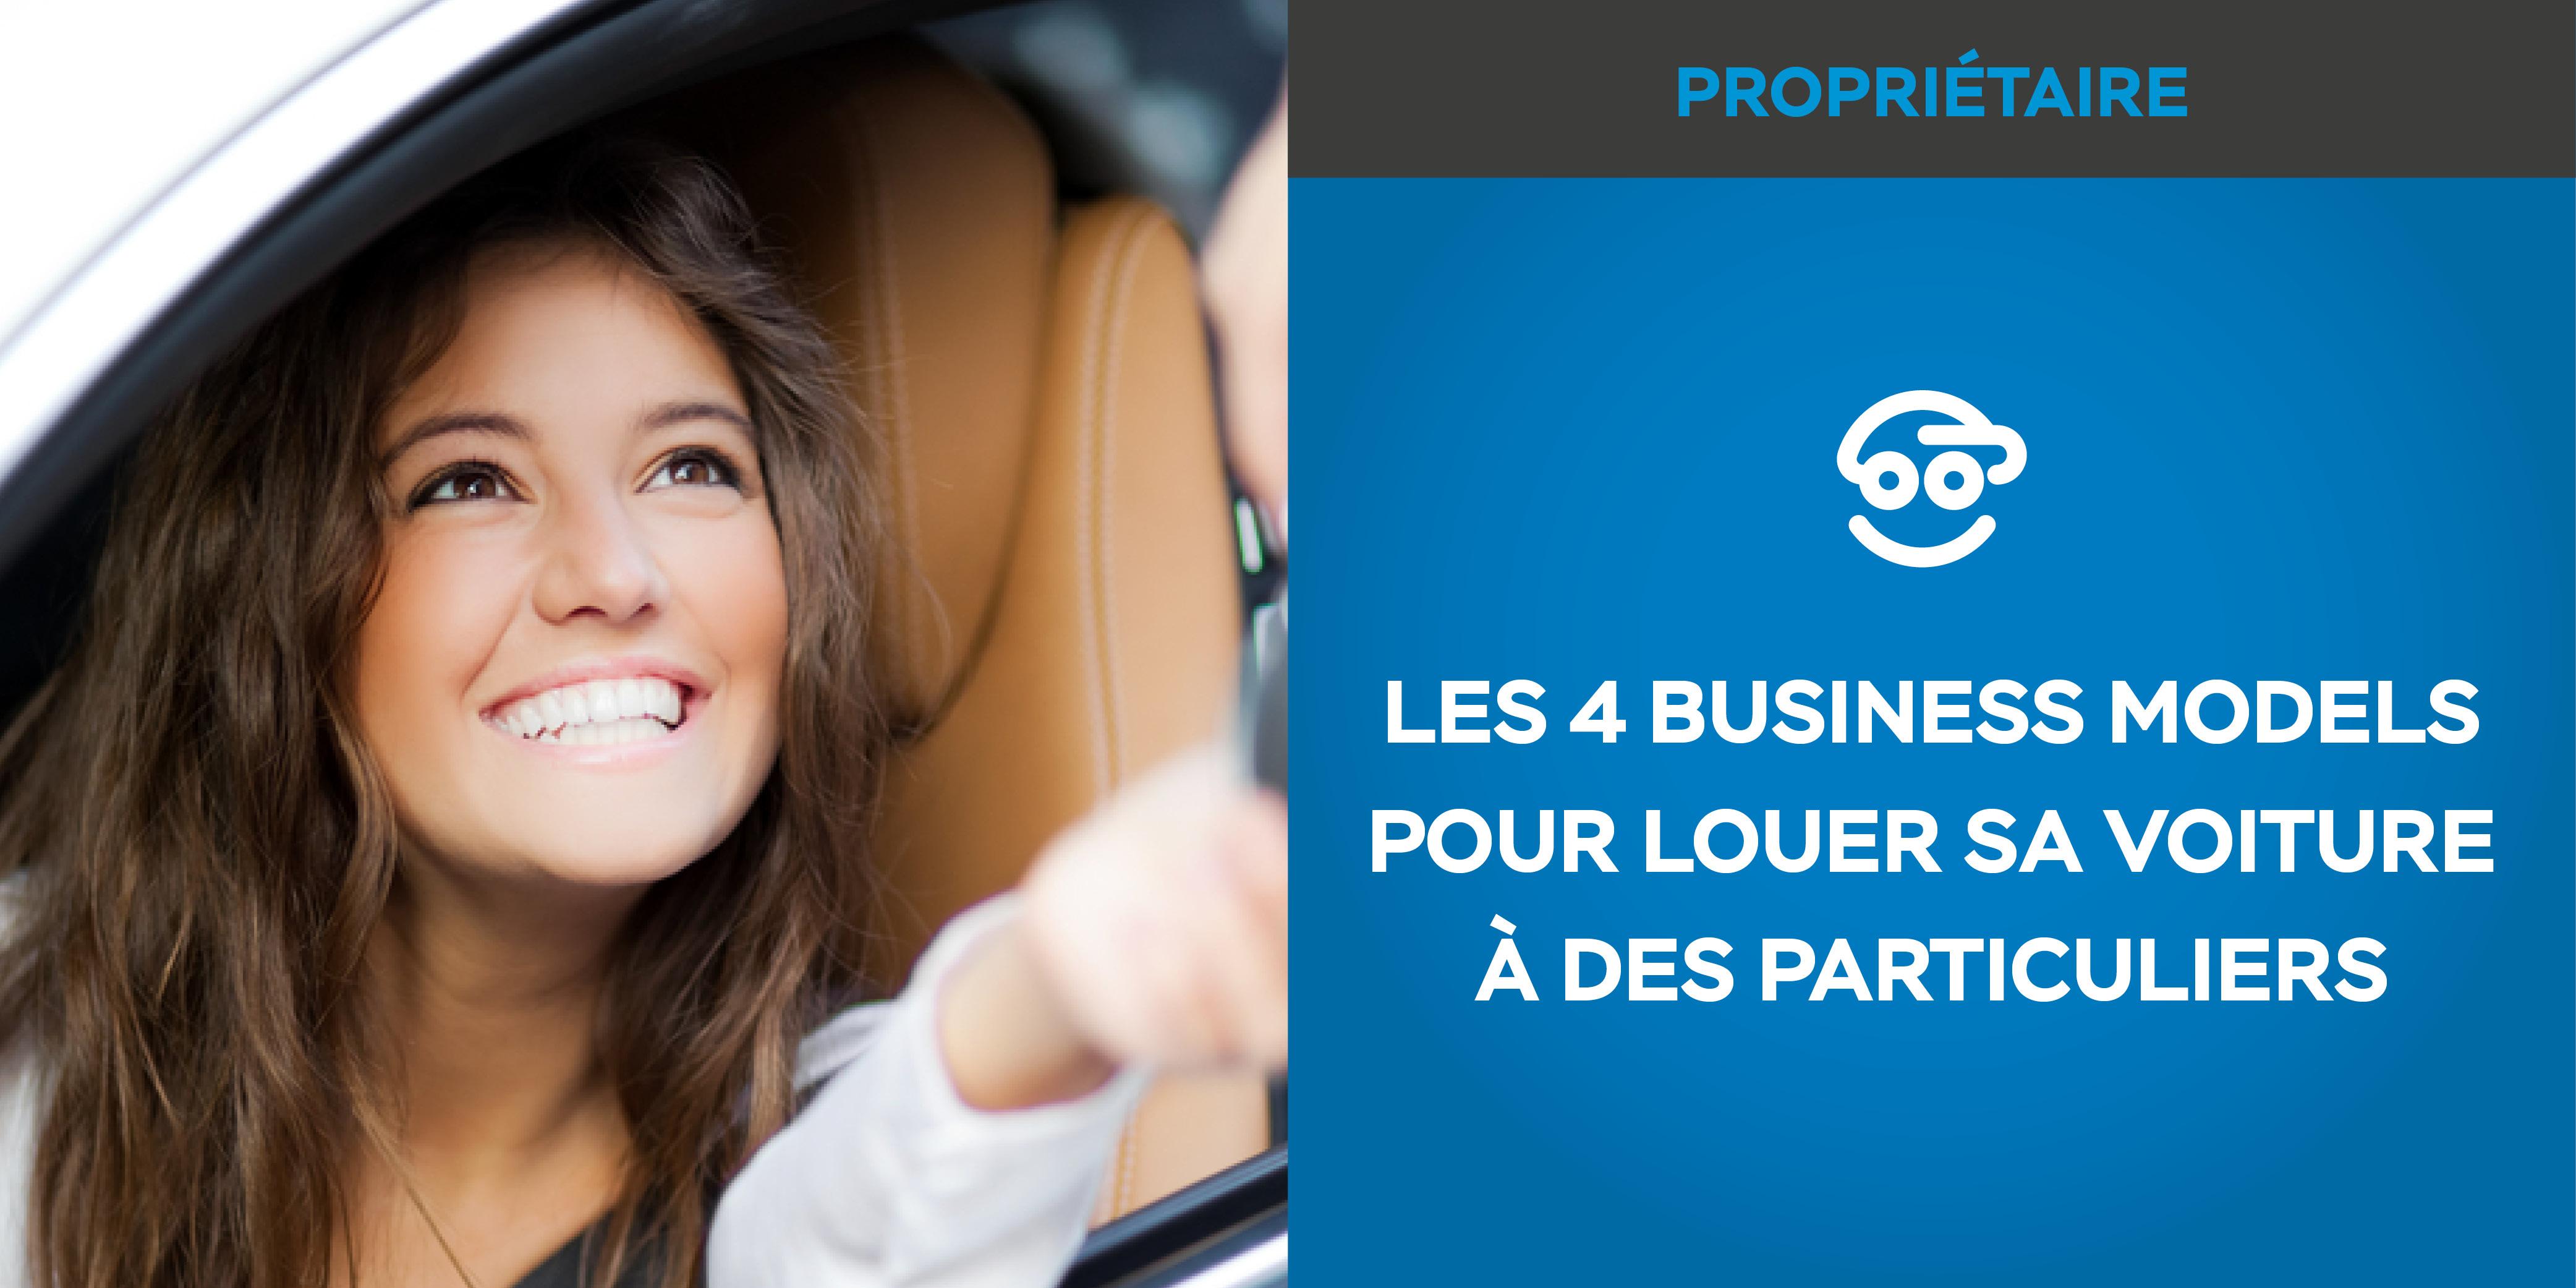 Les 4 business models pour louer sa voiture à des particuliers